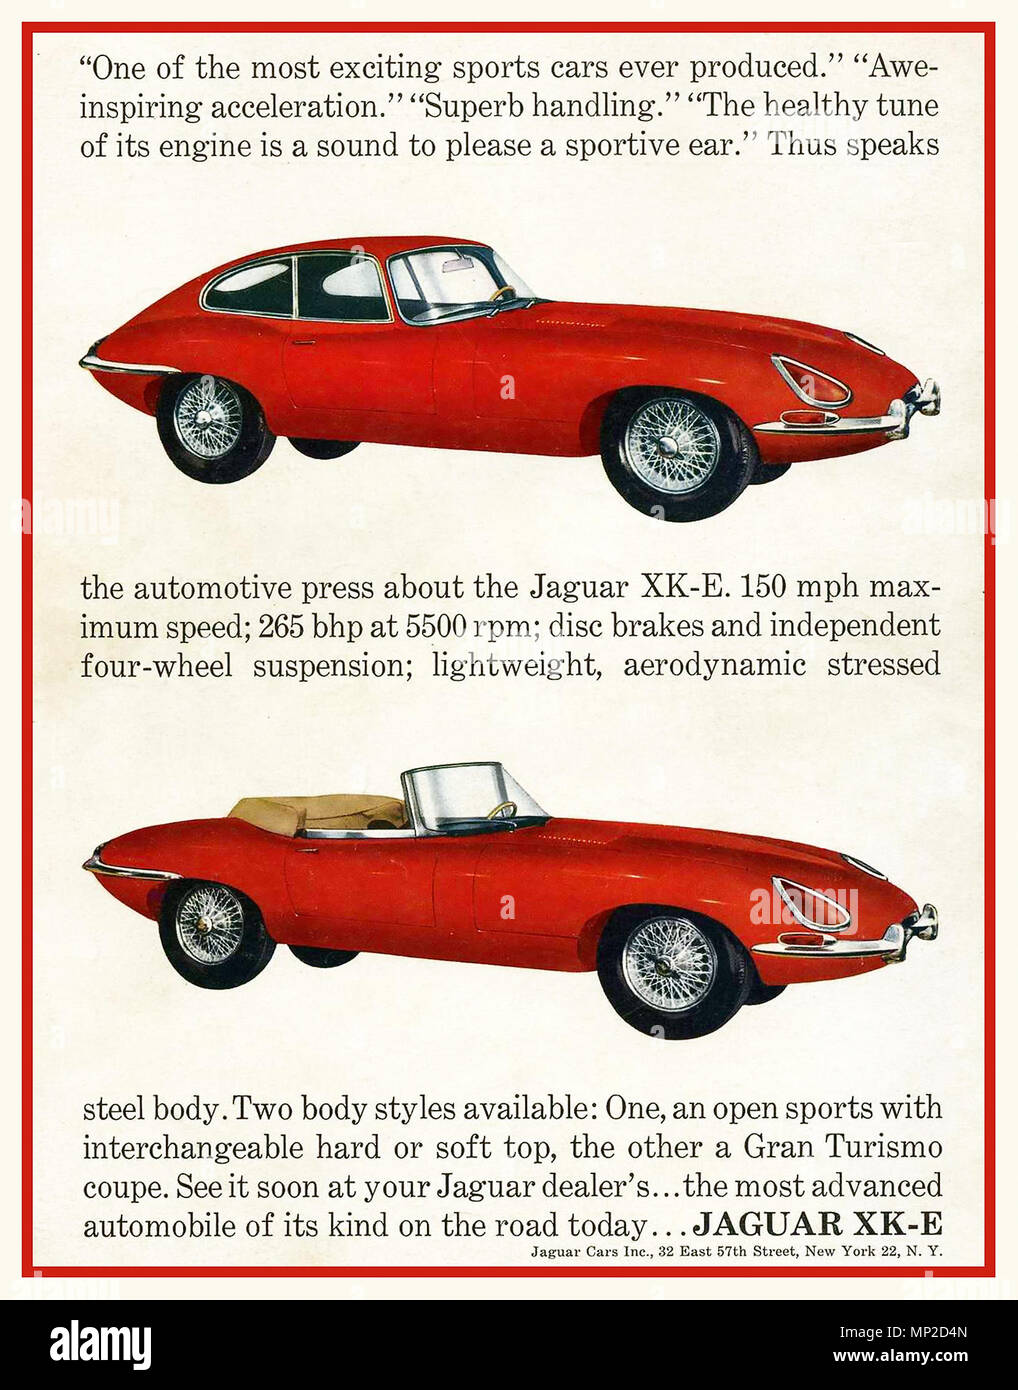 1961 Jaguar XKE - (E-type Jaguar nel Regno Unito) promozionali Poster pubblicitari negli Stati Uniti con la parte superiore aperta in stile sportivo o Gran Turismo Coupe Immagini Stock